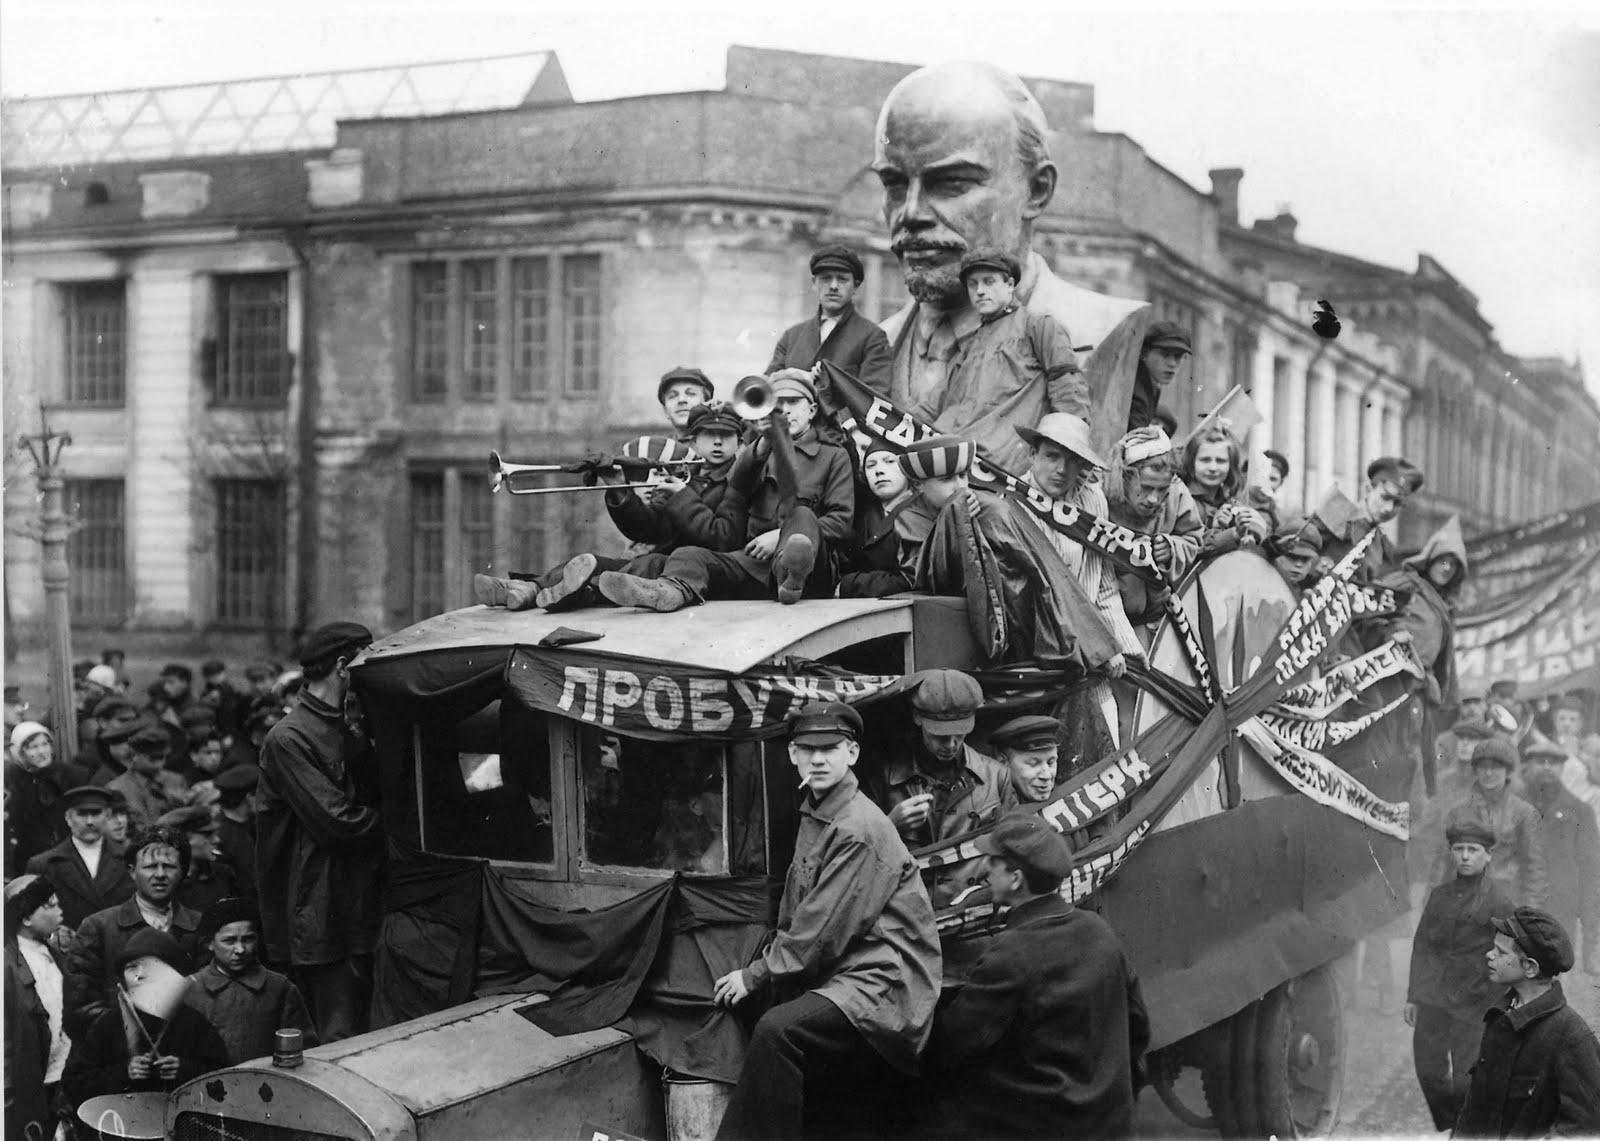 1 may parade in Leningrad